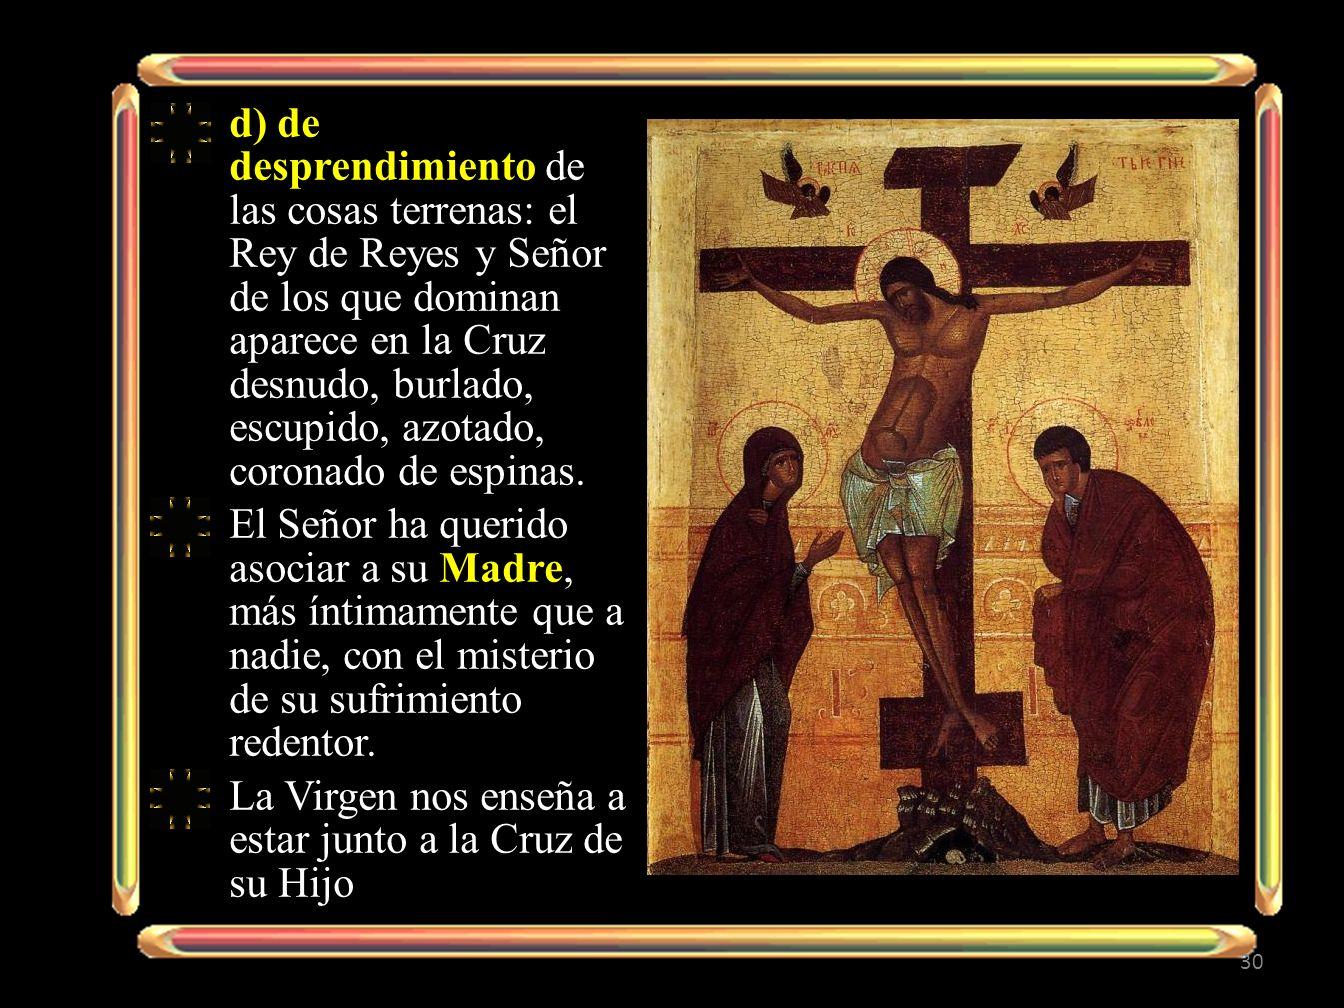 d) de desprendimiento de las cosas terrenas: el Rey de Reyes y Señor de los que dominan aparece en la Cruz desnudo, burlado, escupido, azotado, corona